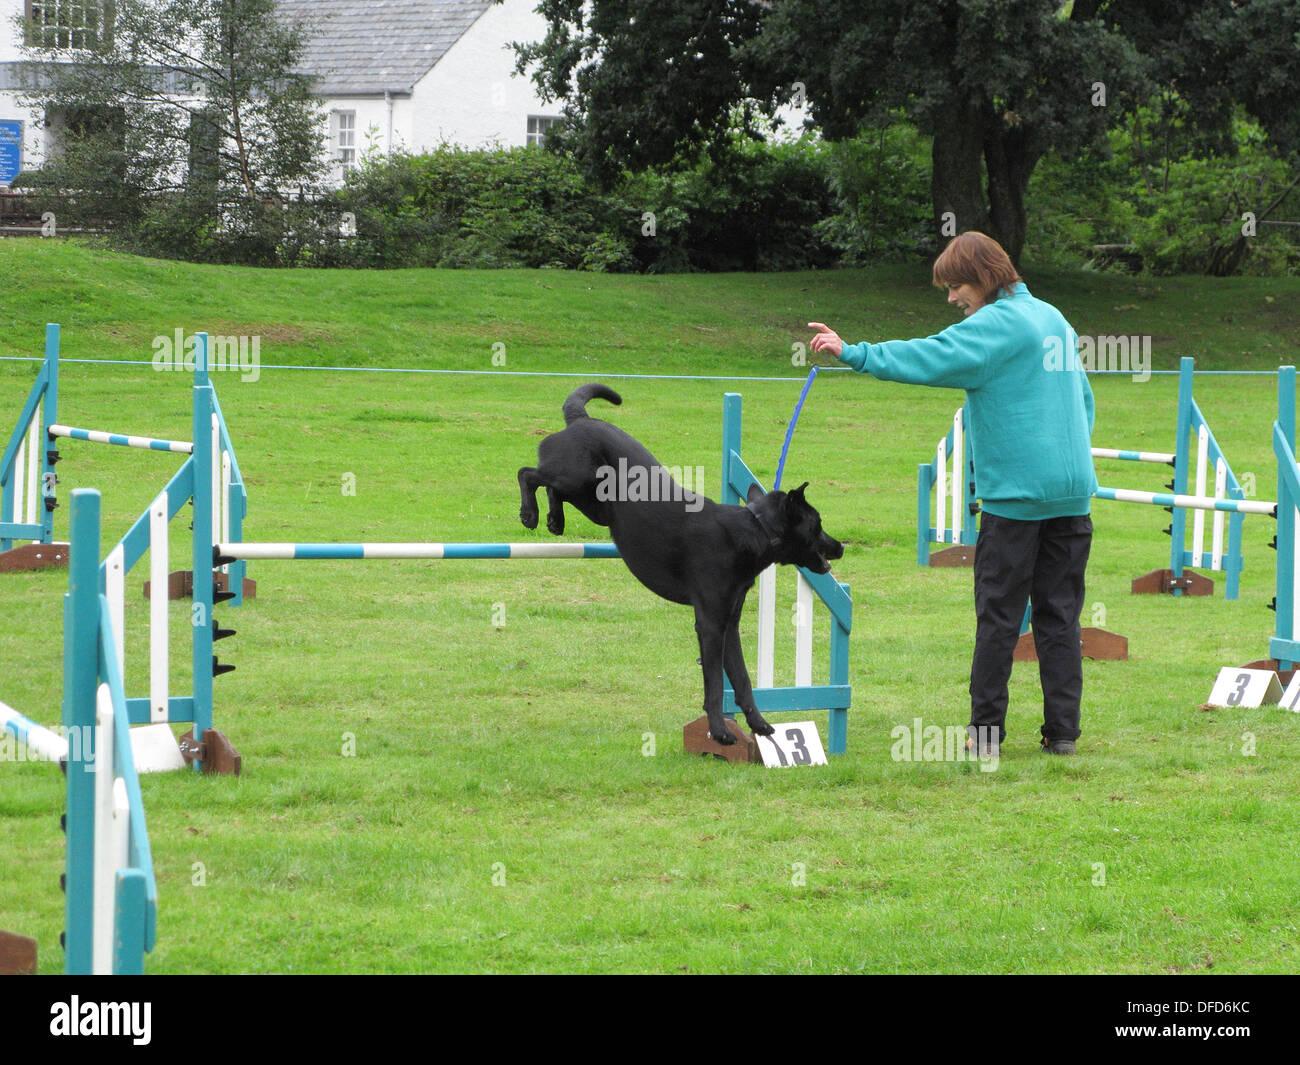 Black Labrador Undertaking a Dog Agility Course, UK - Stock Image